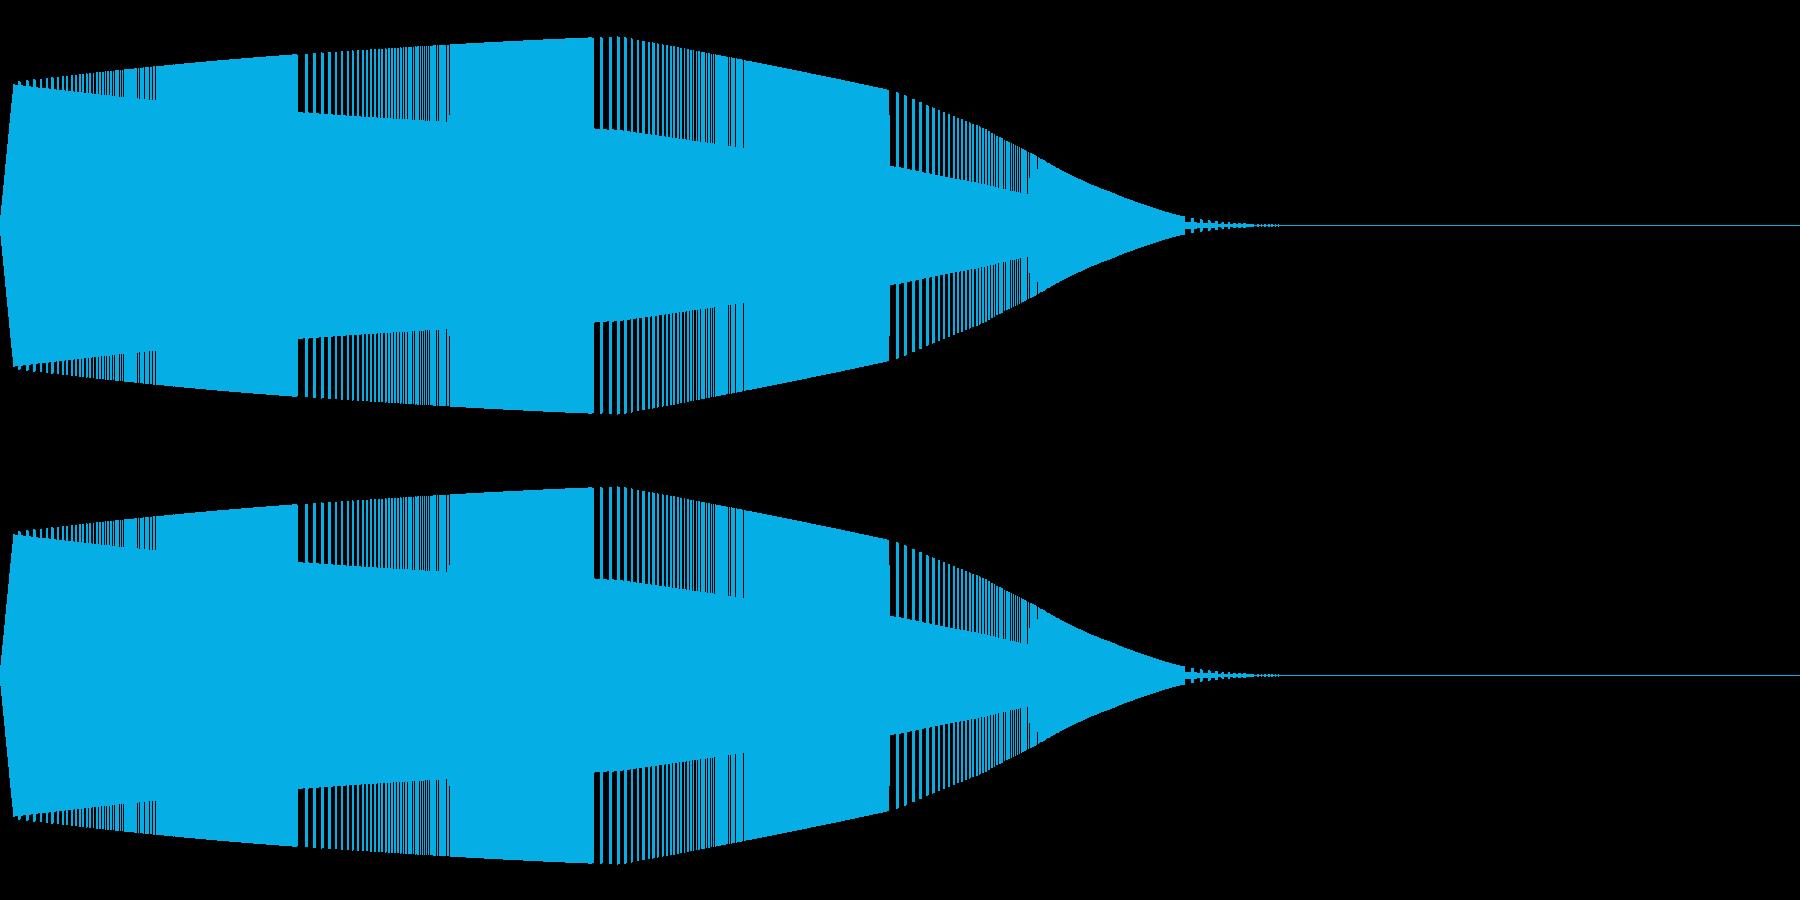 パパパパ(ワープ変身/魔法/ファミコンの再生済みの波形